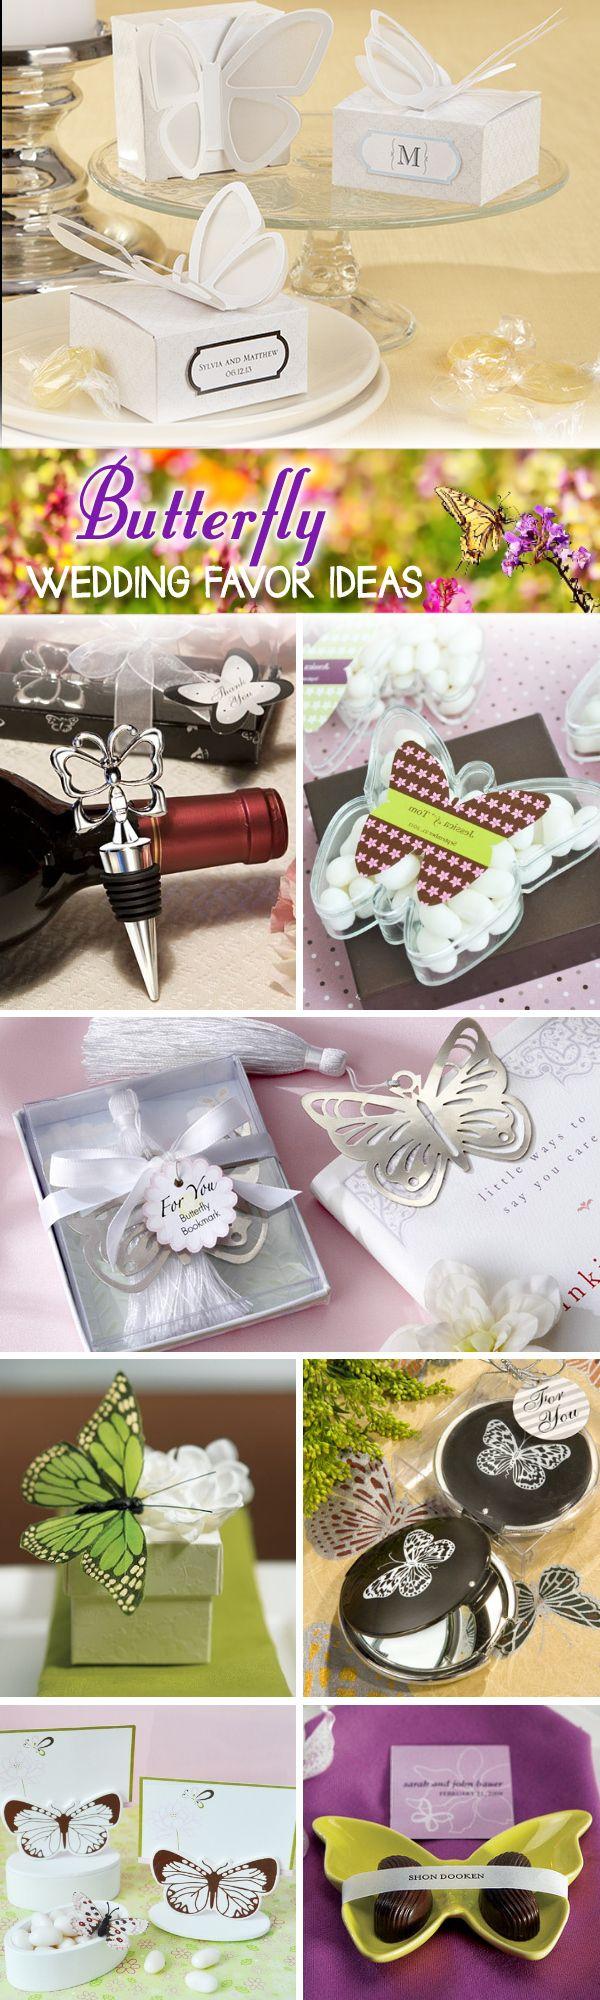 50 Beautiful Butterfly Wedding Favor Ideas